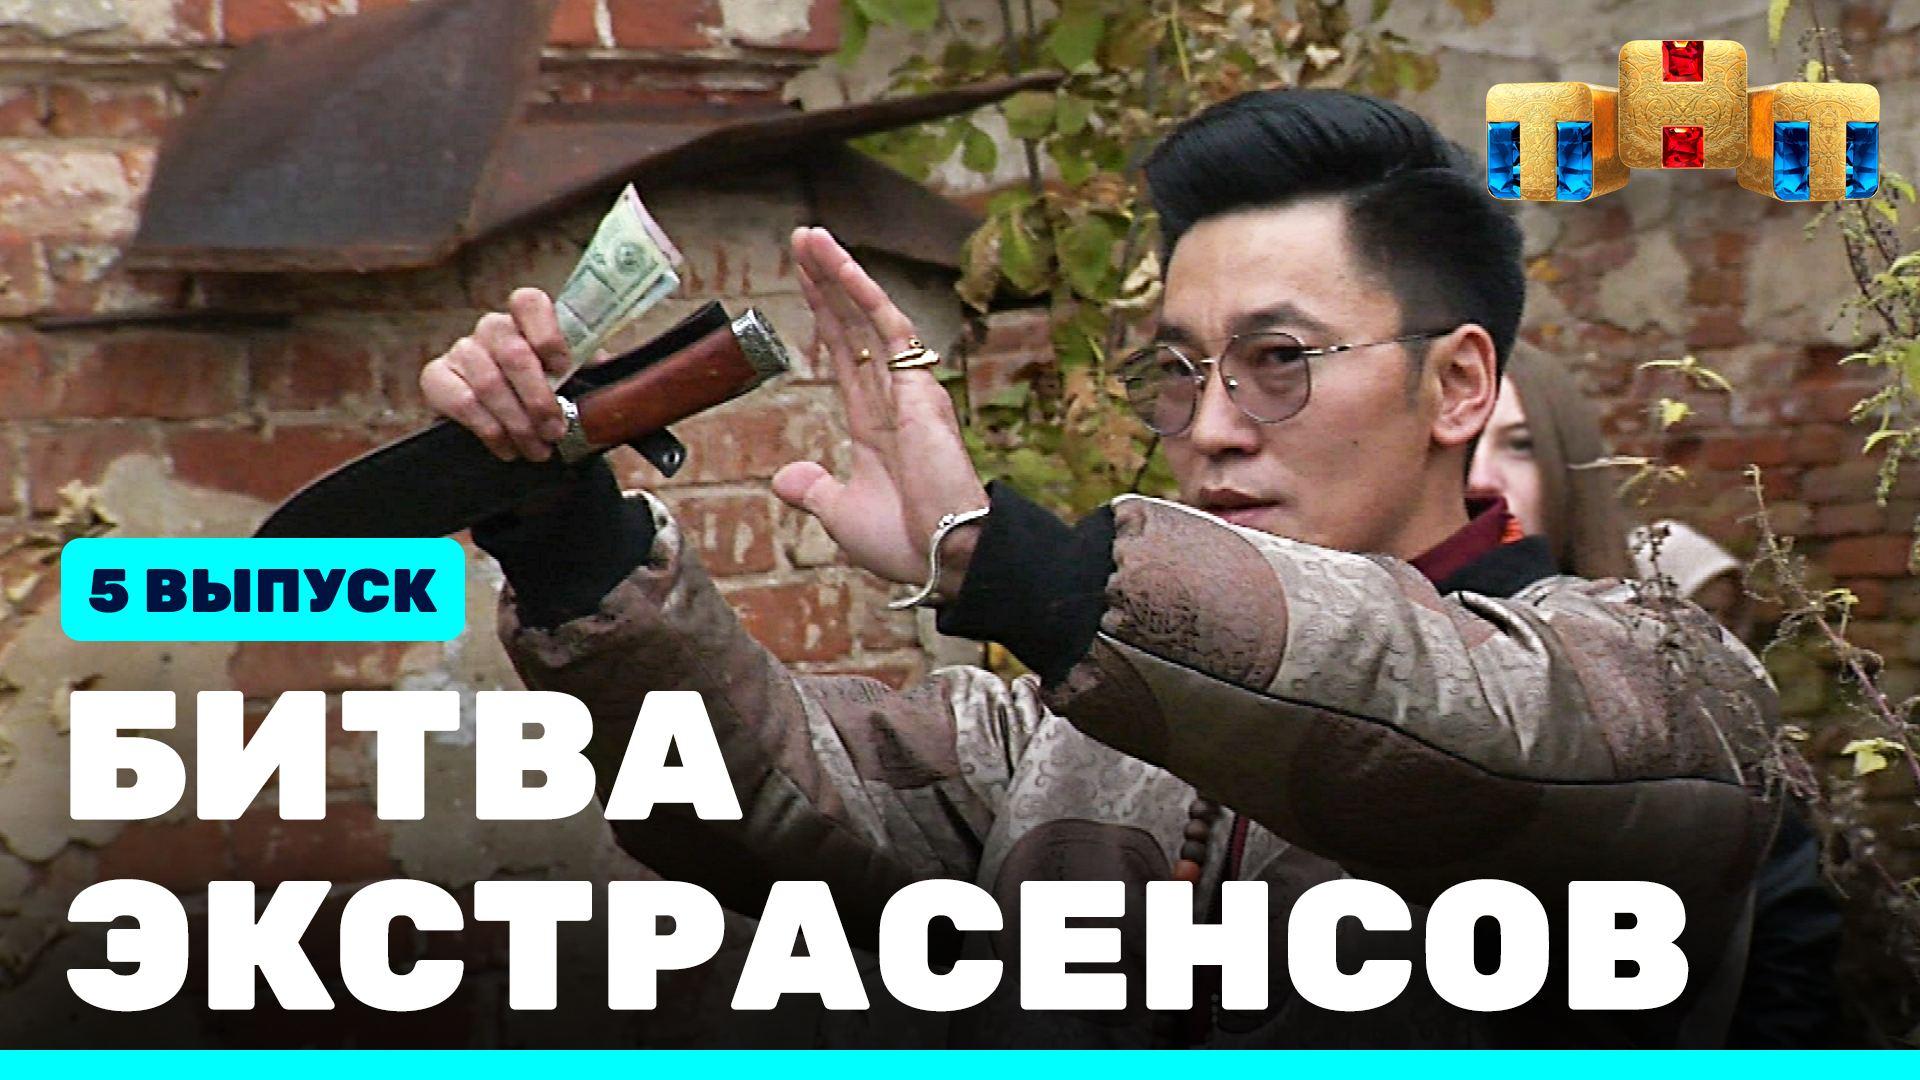 Битва экстрасенсов_22 сезон 5 выпуск